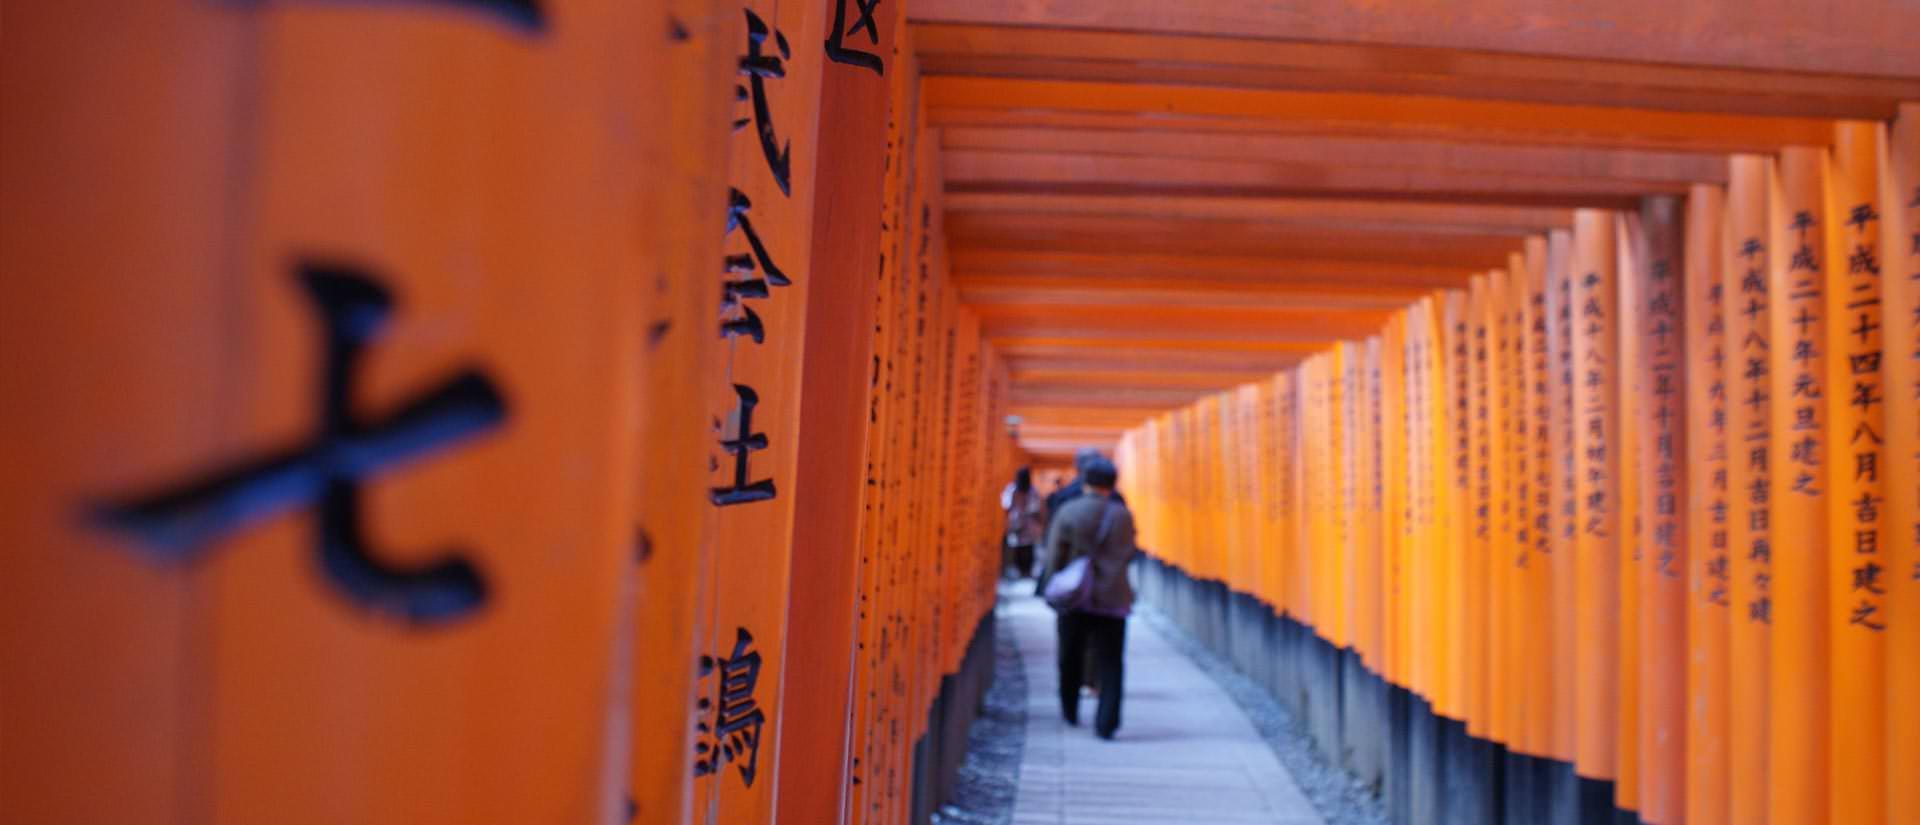 מקדש שינטו ביפן